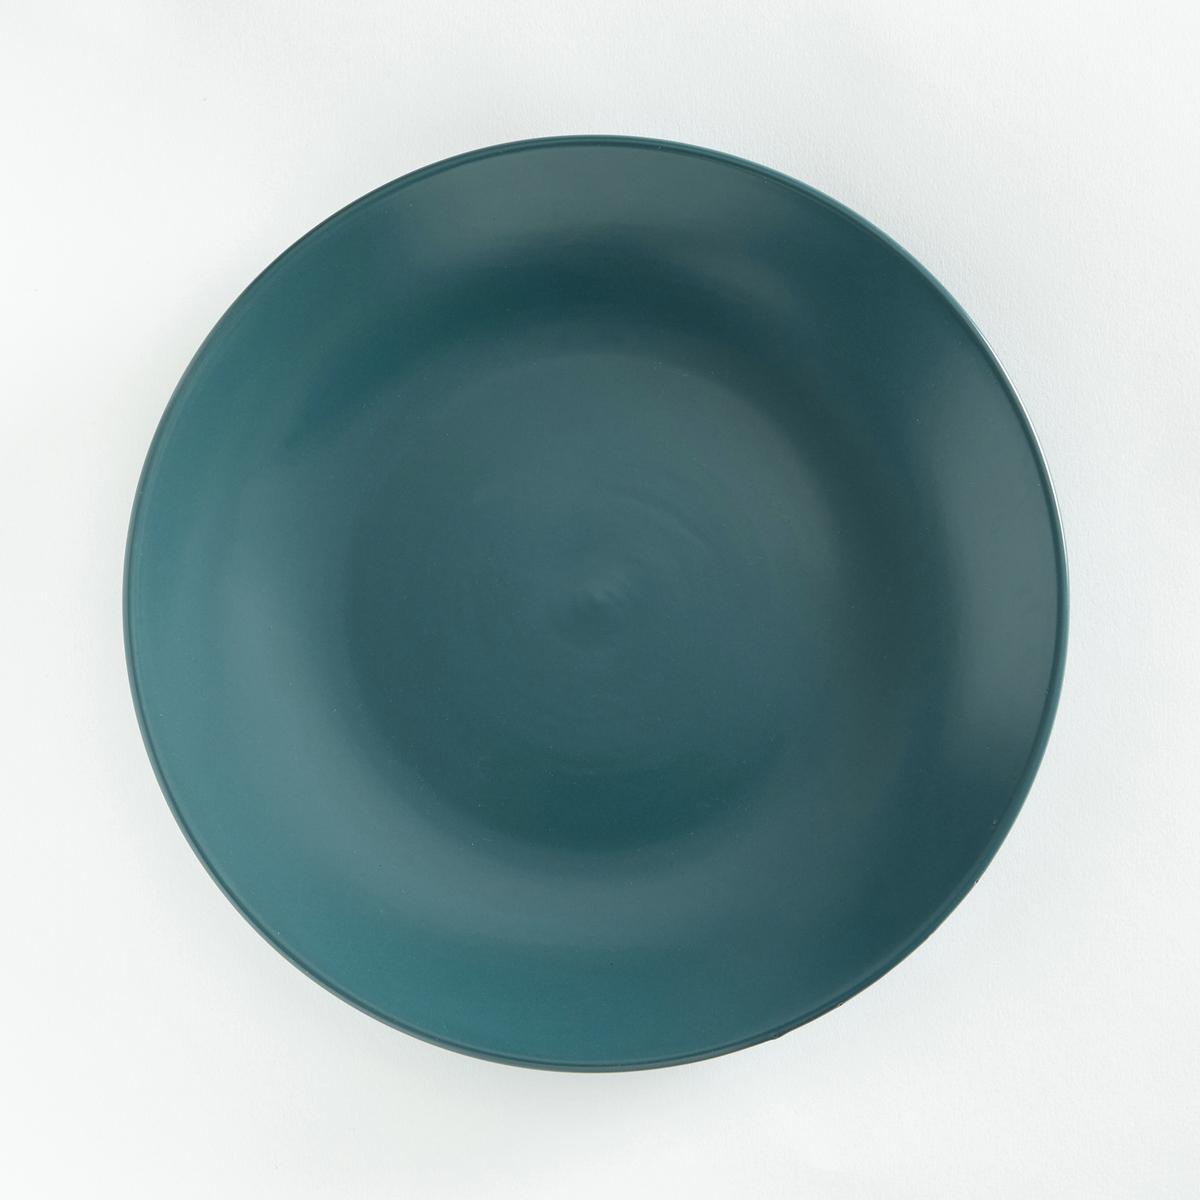 Комплект из 4 мелких тарелок из фаянса с матовой отделкой, Mélya